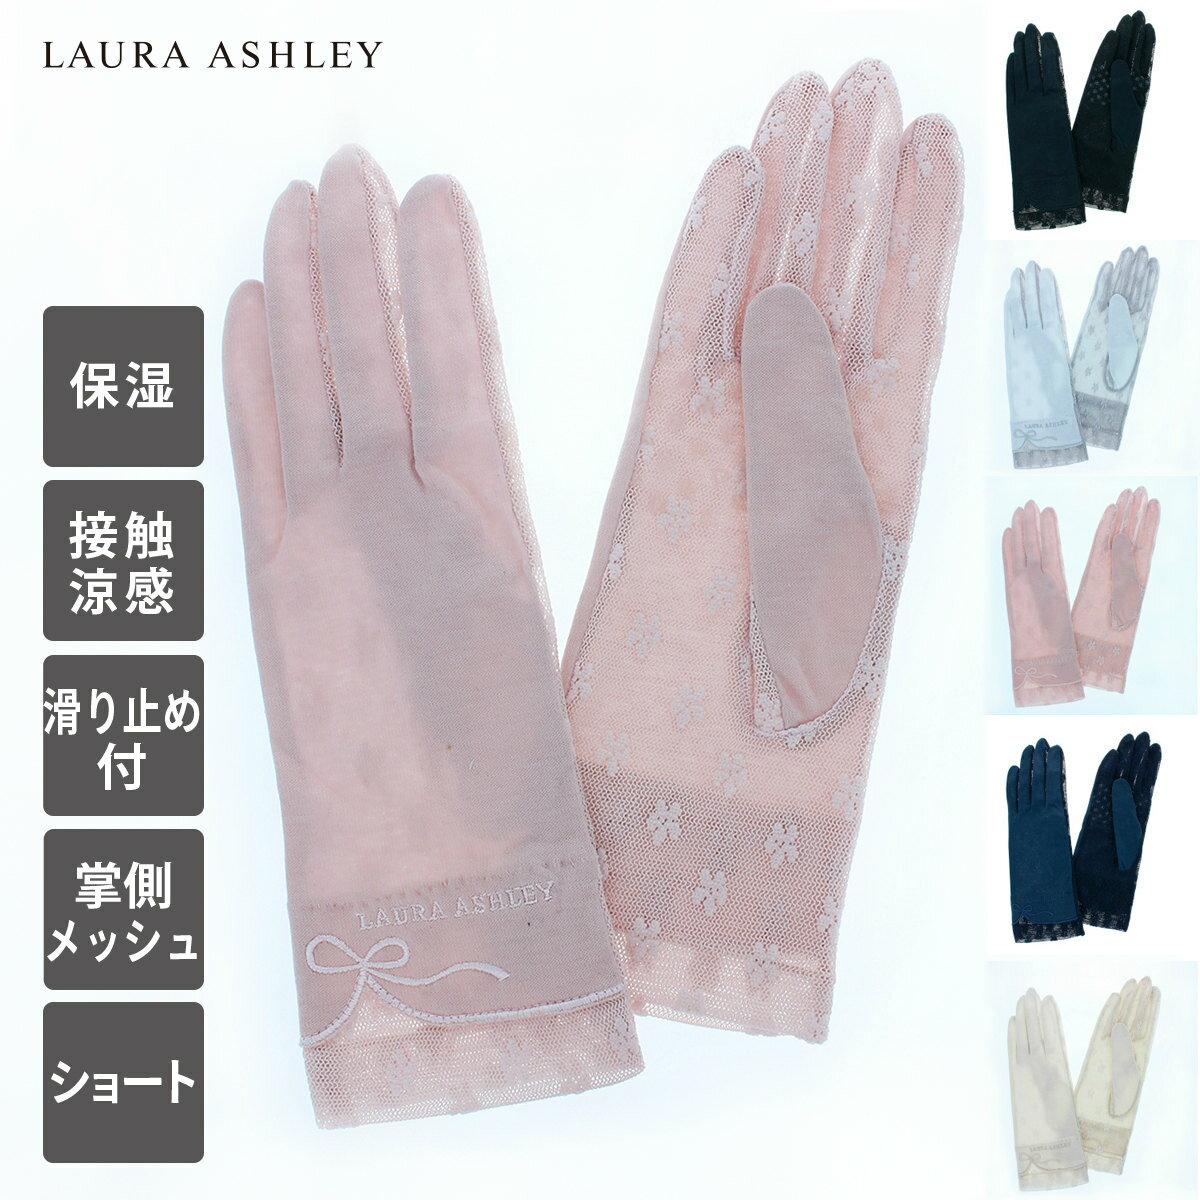 LAURA ASHLLEY ローラ アシュレイ UVカット UV手袋   てぶくろ ギフト プレゼント ショート 25cm丈 五本指 掌側メッシュ すべり止め付 ひんやり触感 保湿効果